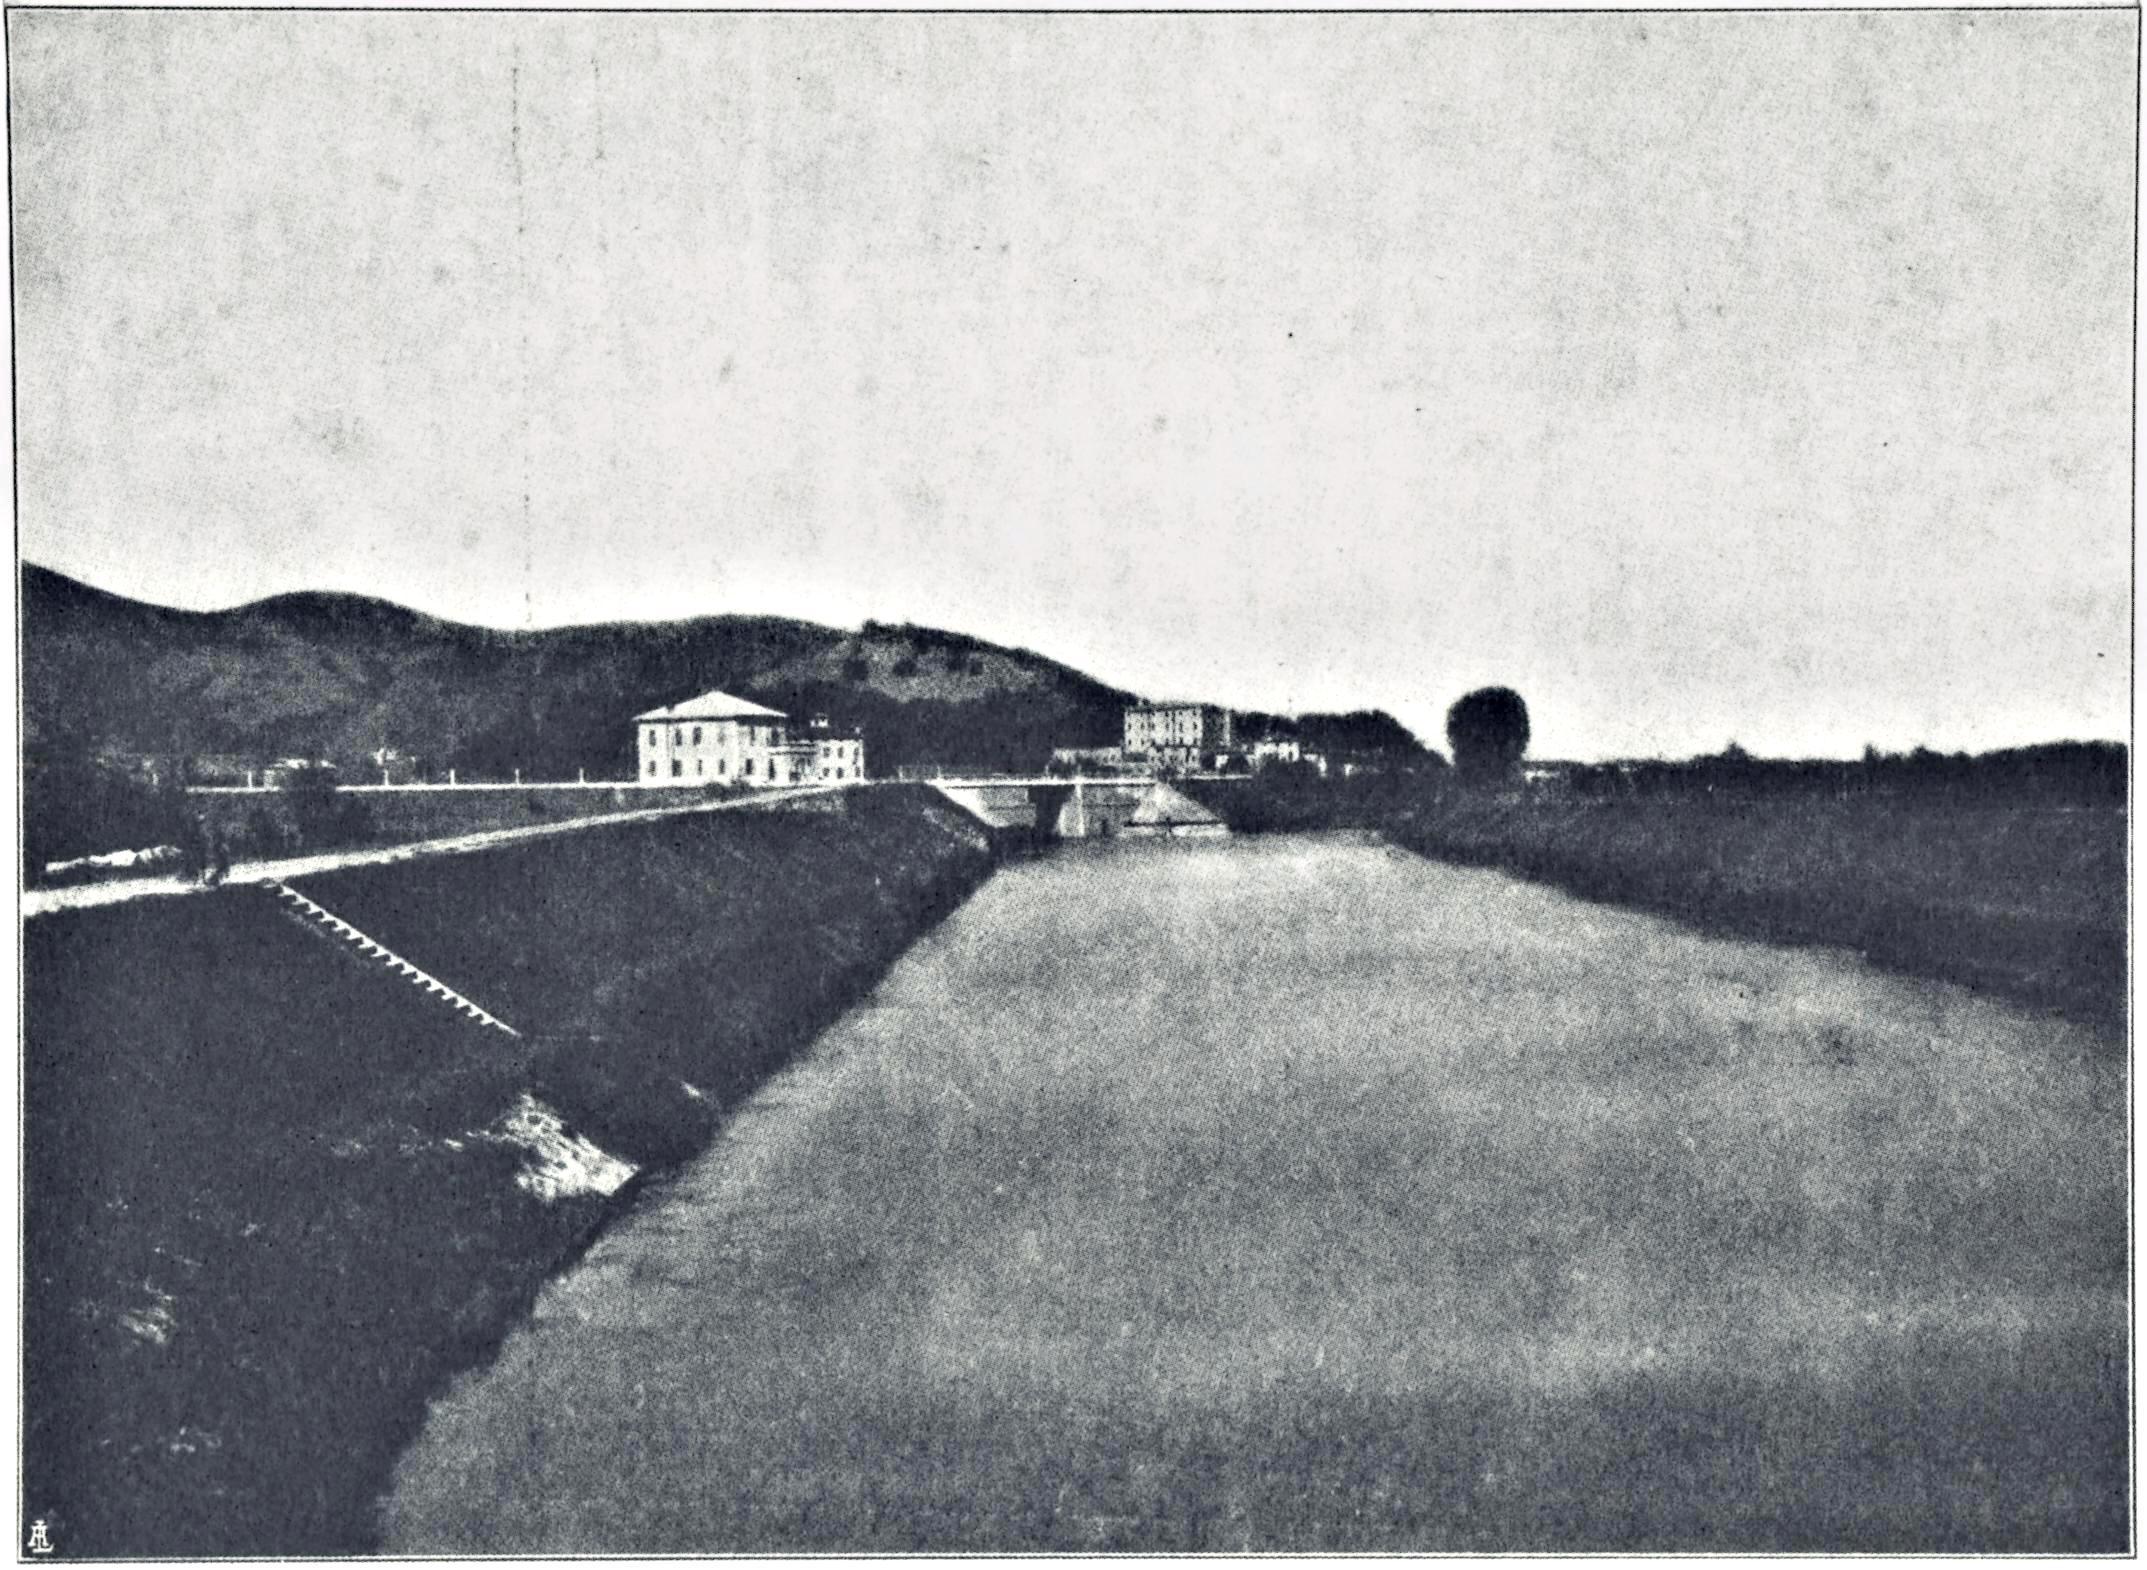 Battaglia - Terme, Conca di Navigazione (1925).